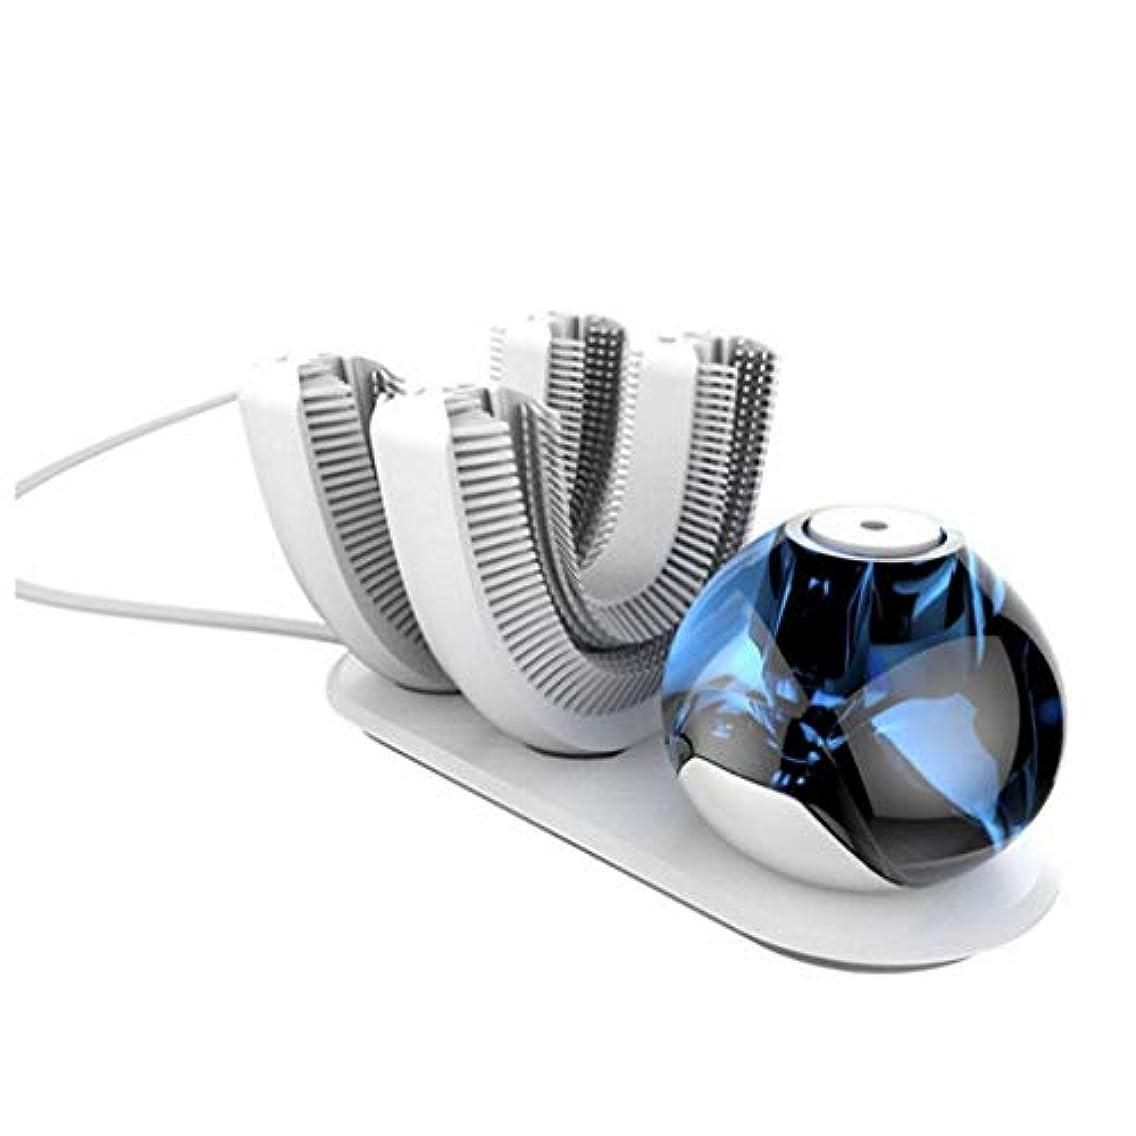 ブレンドブッシュ森HETAO クリエイティブ自動歯ブラシ、怠惰な、自動歯ブラシ電動歯ブラシワイヤレス充電式360°、歯ブラシヘッドのうちの2つは、白歯ブラシの歯に設計されています 白